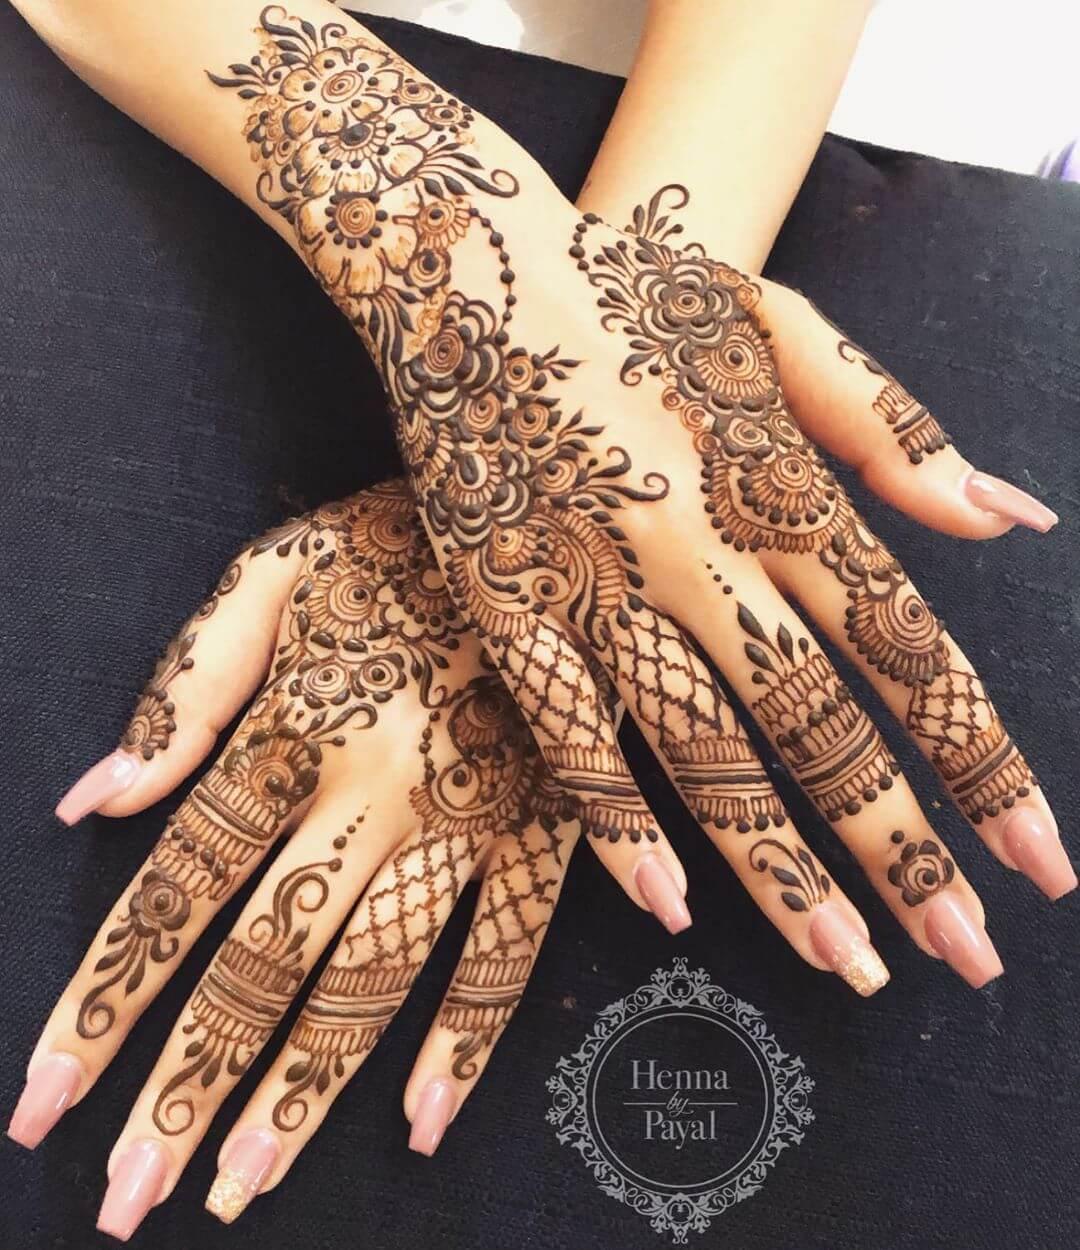 Unique Indo-Arabic Mehndi For Back Hand